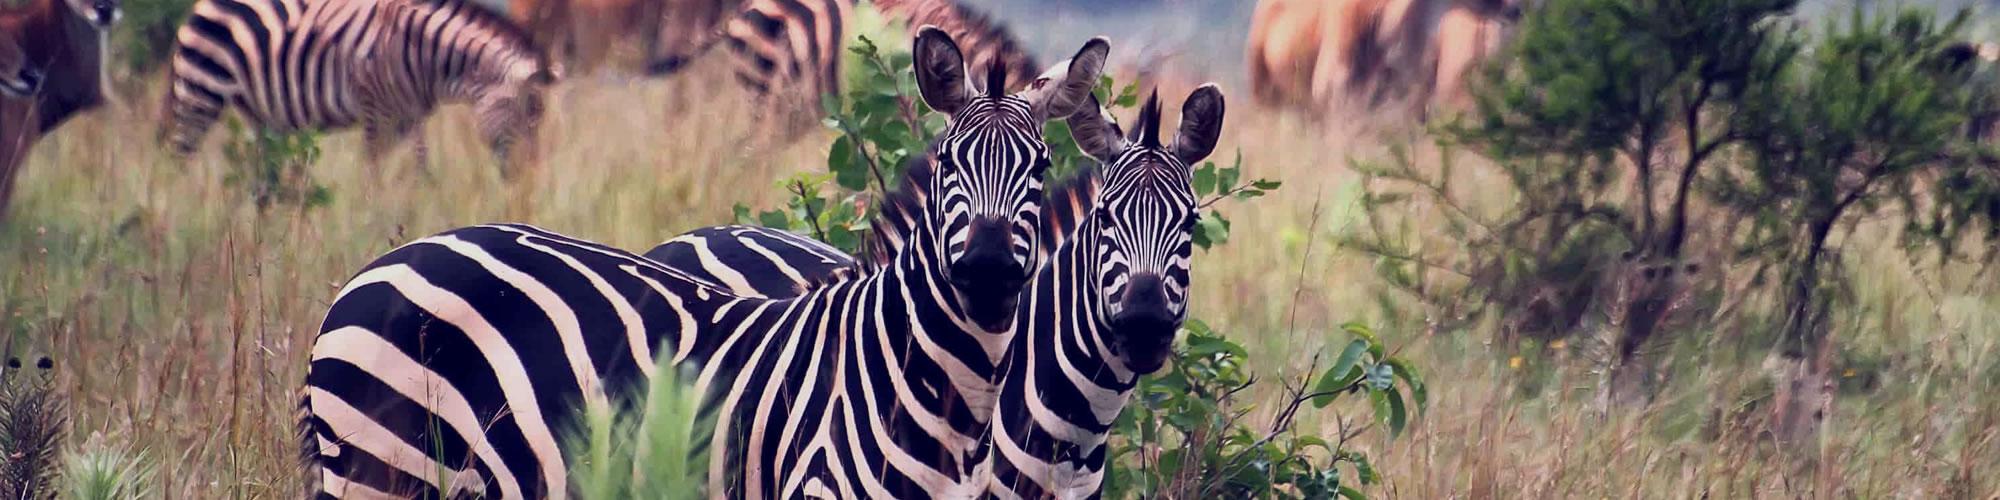 Rwanda National Parks